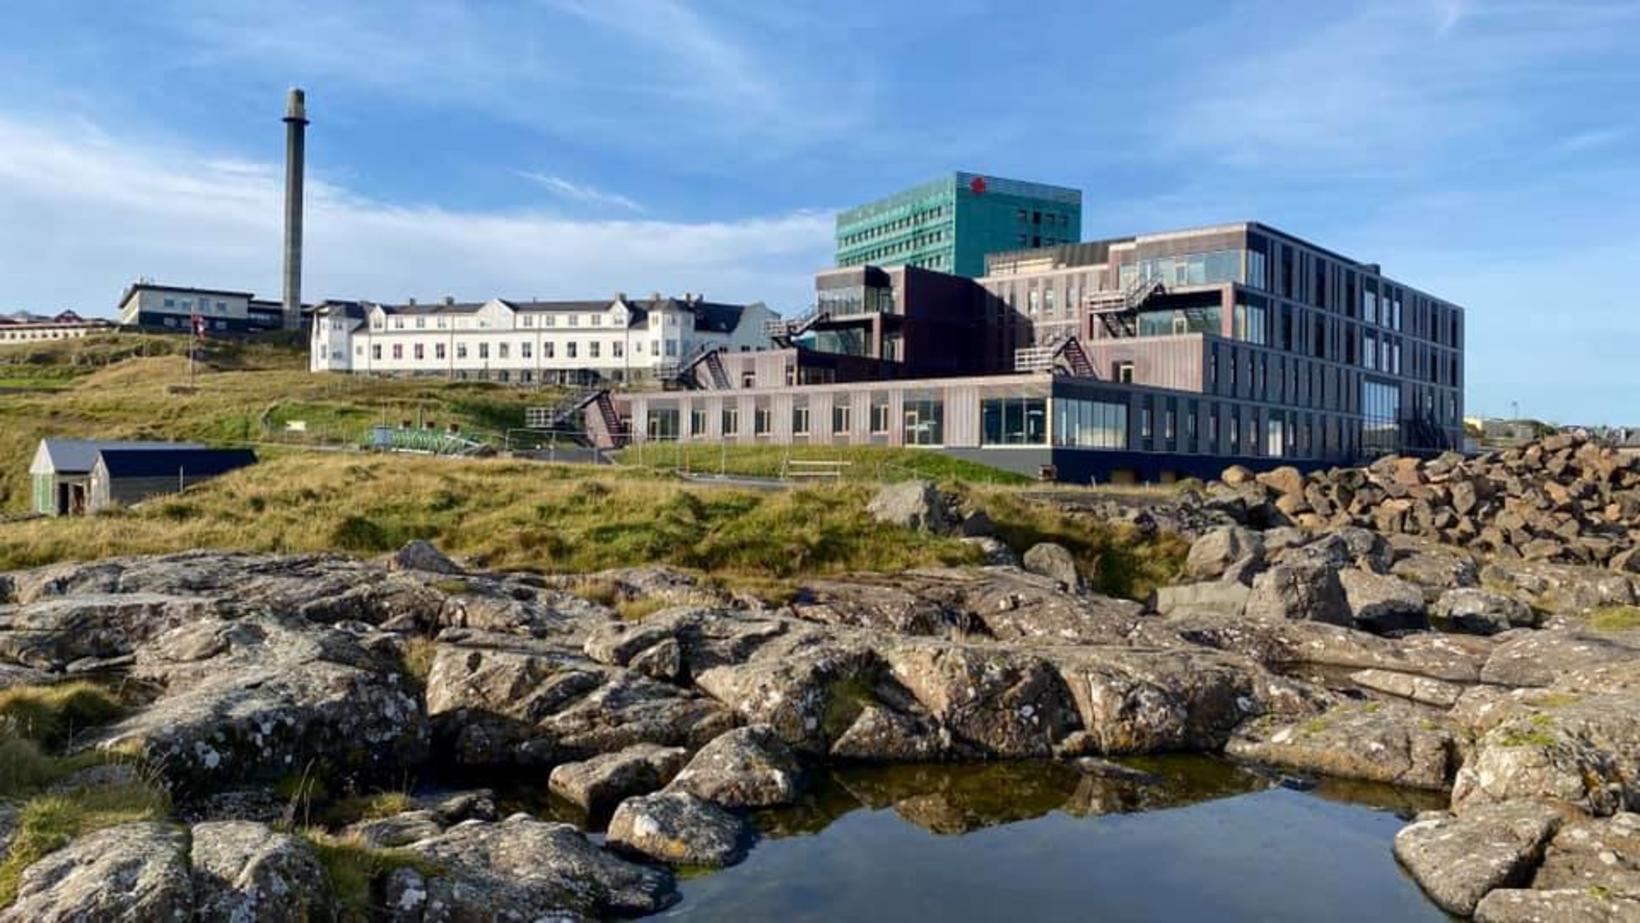 Landssjúkrahúsið í Þórshöfn í Færeyjum.